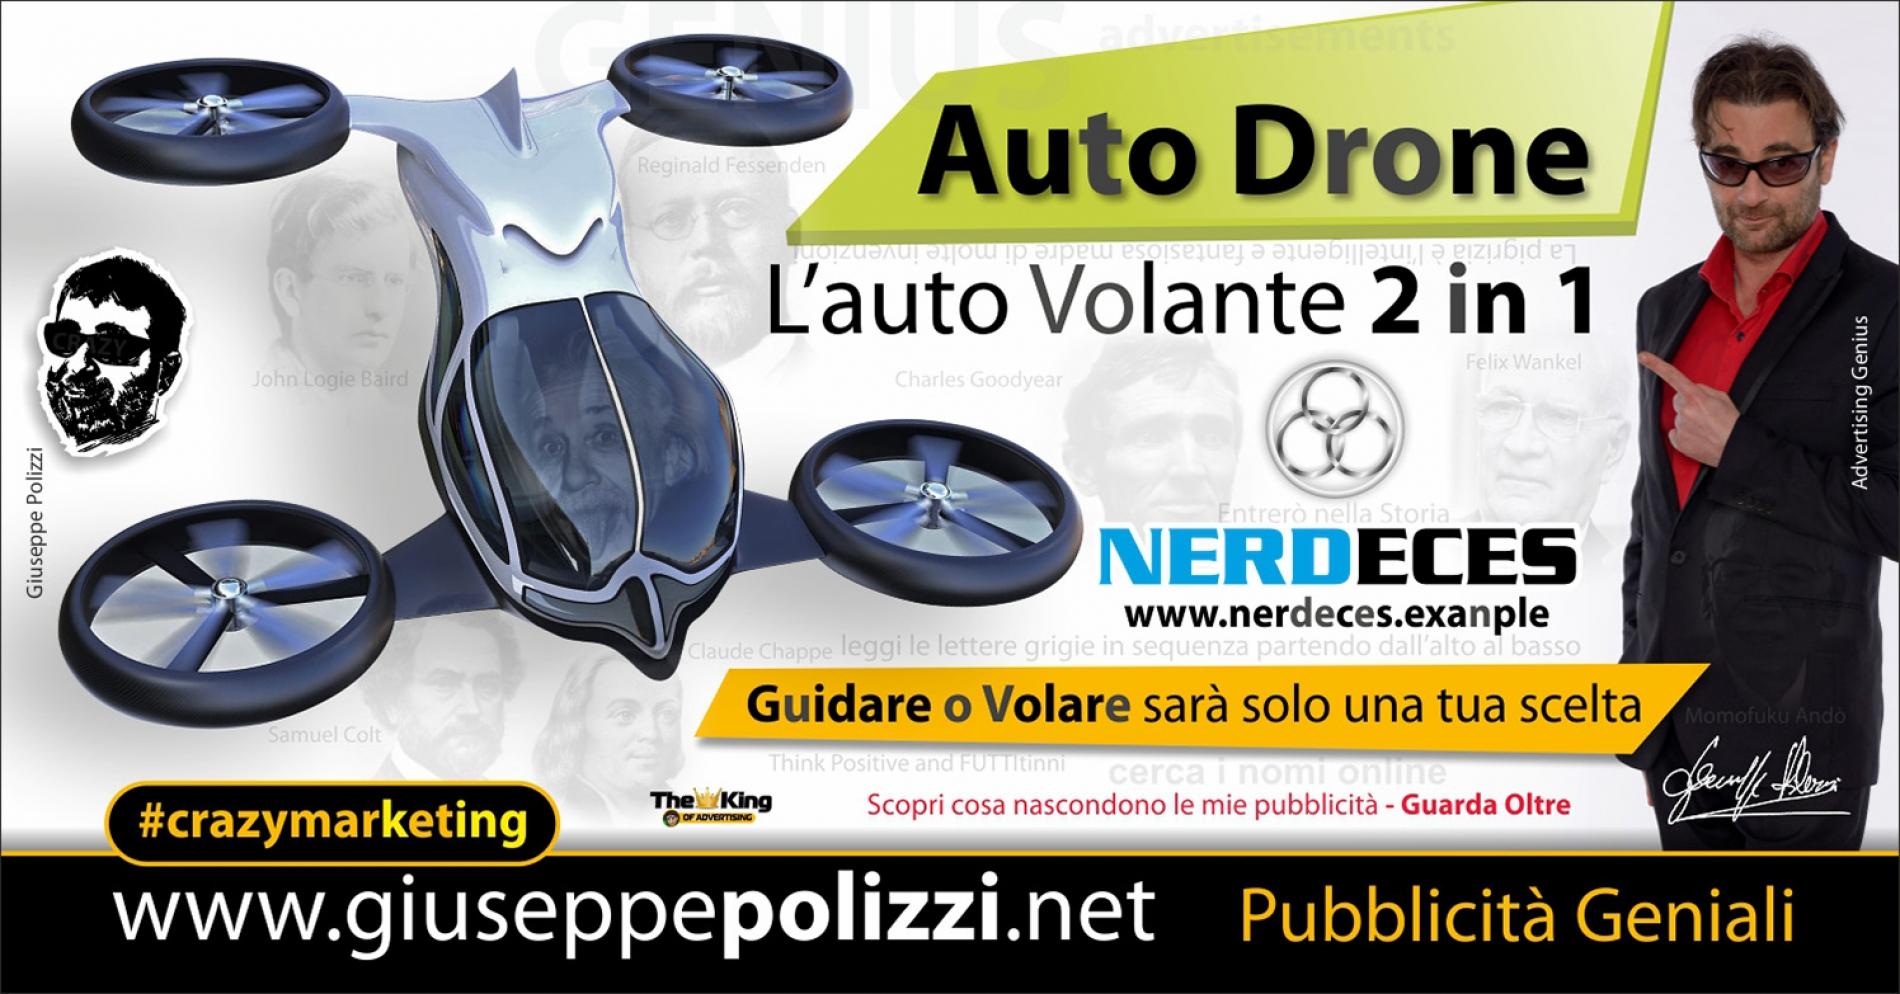 Giuseppe Polizzi crazymarketing Auto Drone  pubblicità geniali